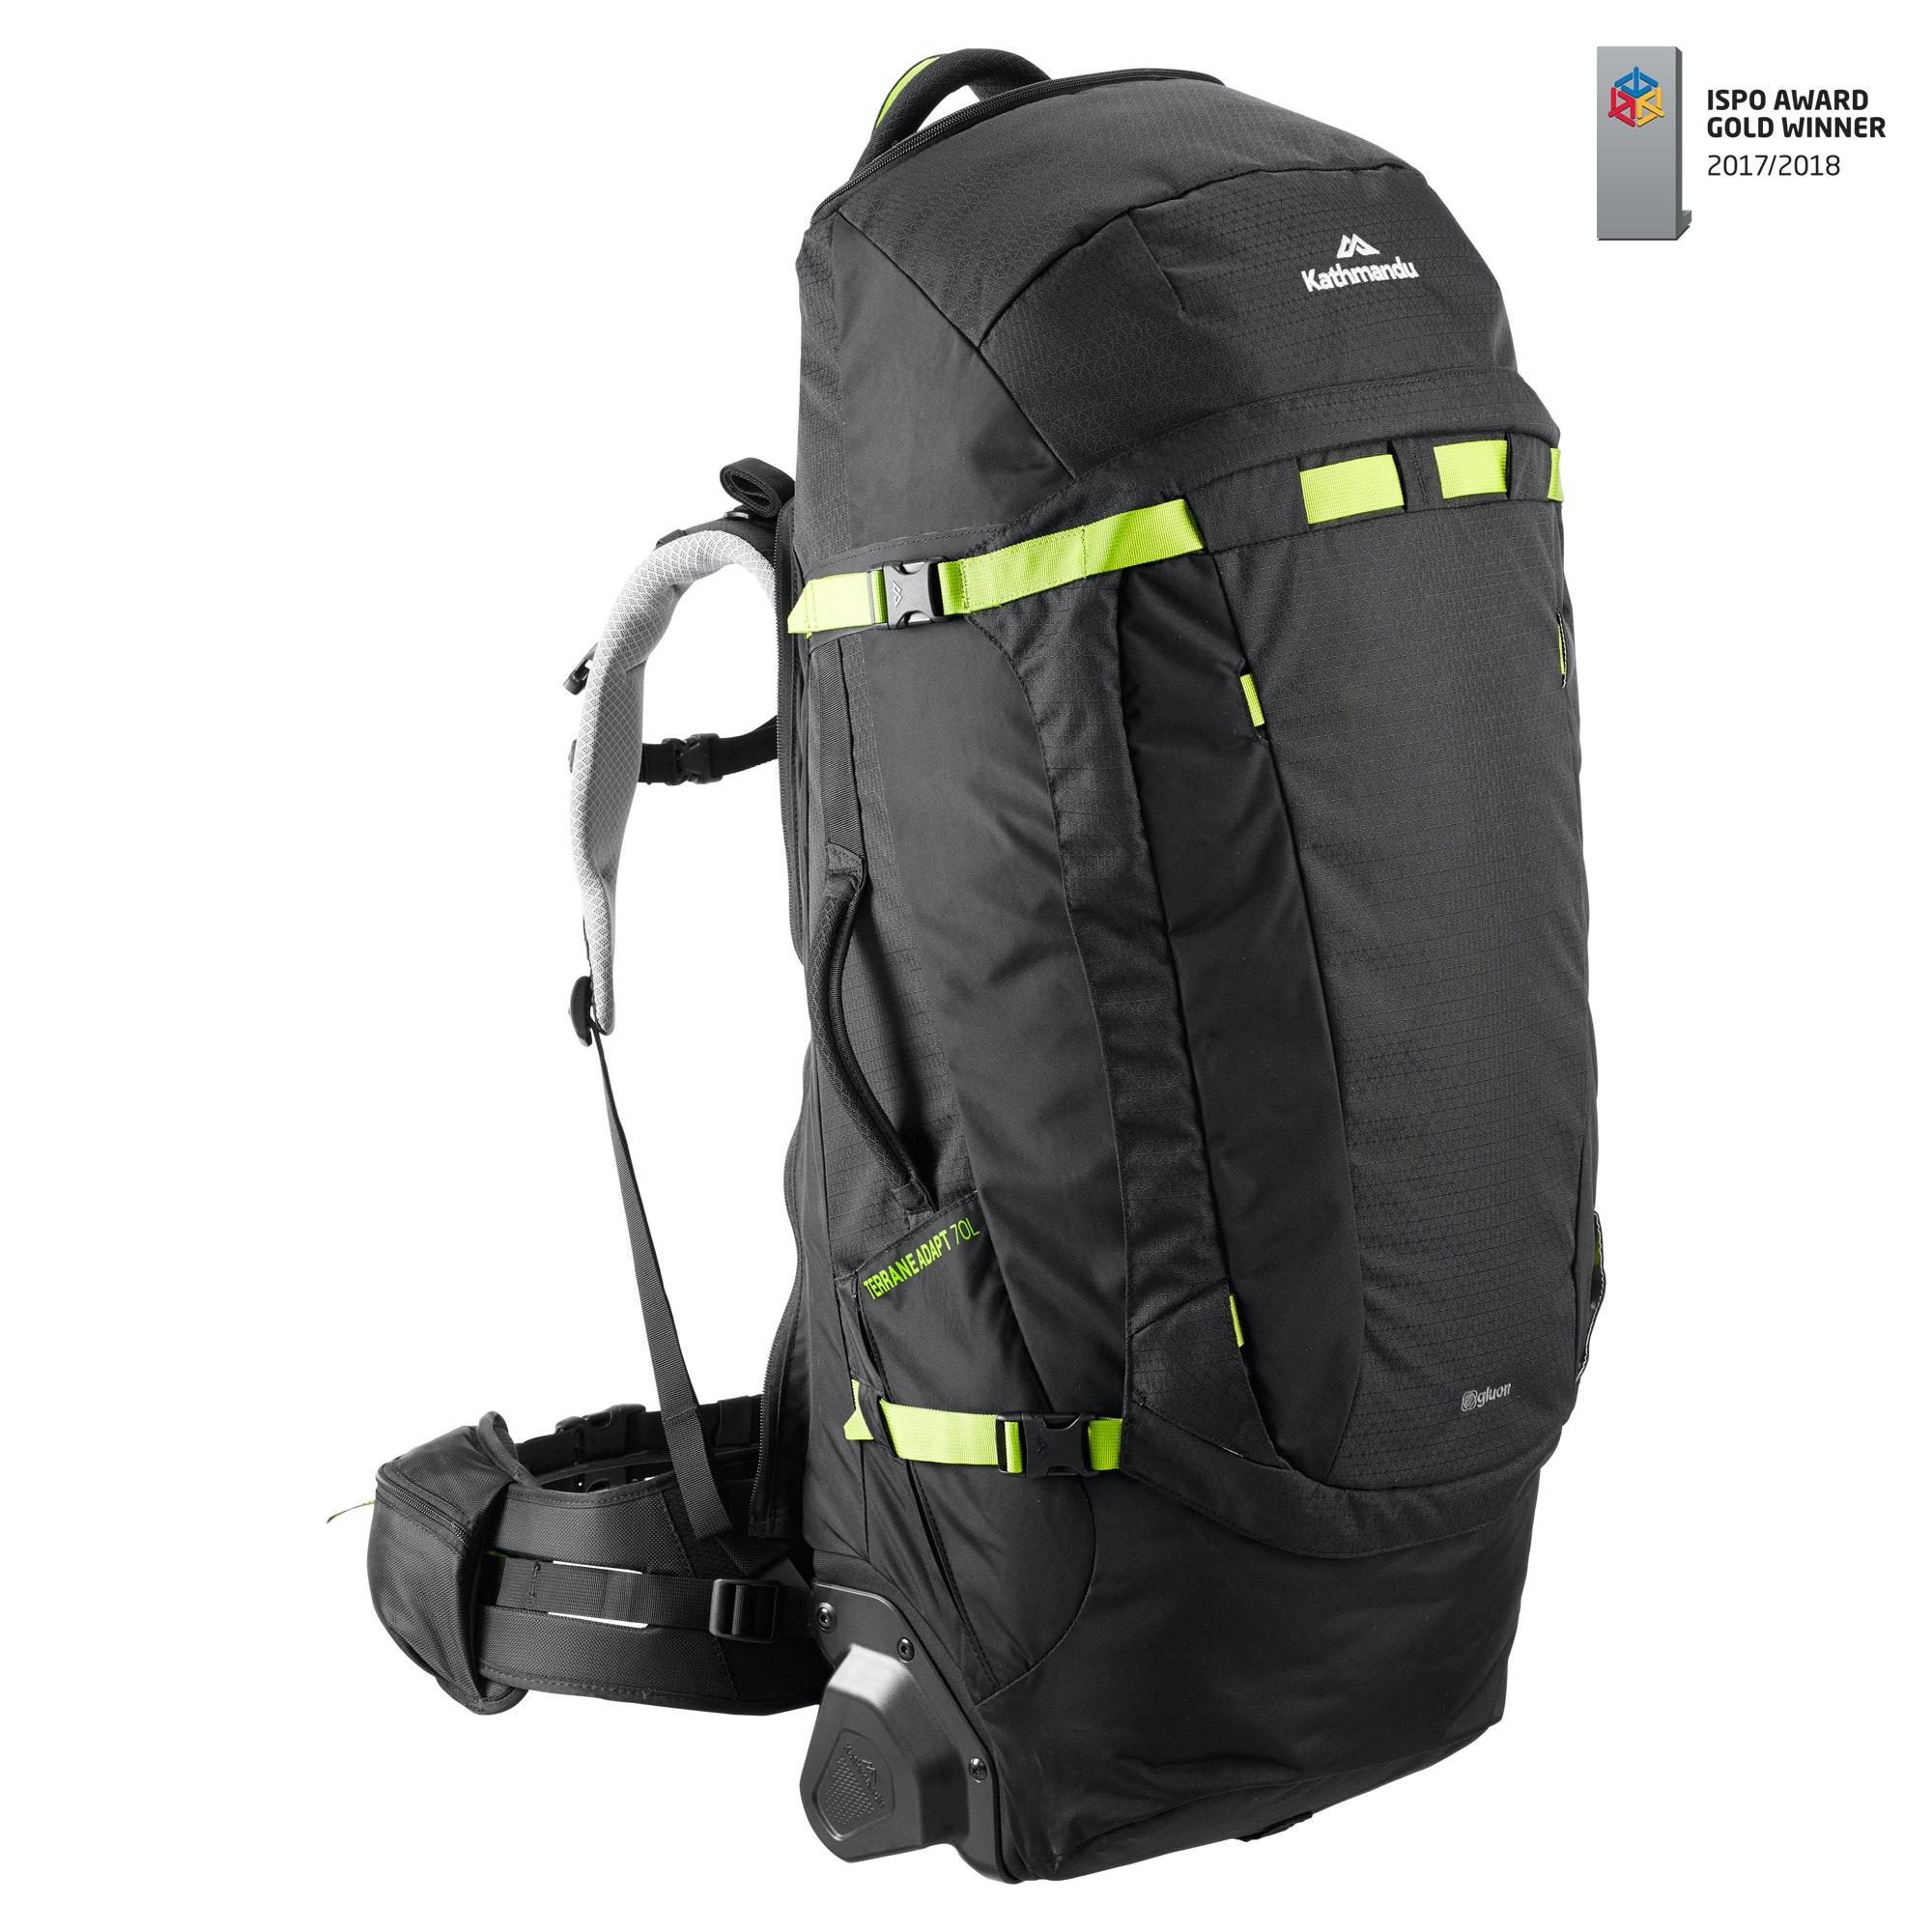 Terrane Adapt Backpack with Wheels - Granite/Black